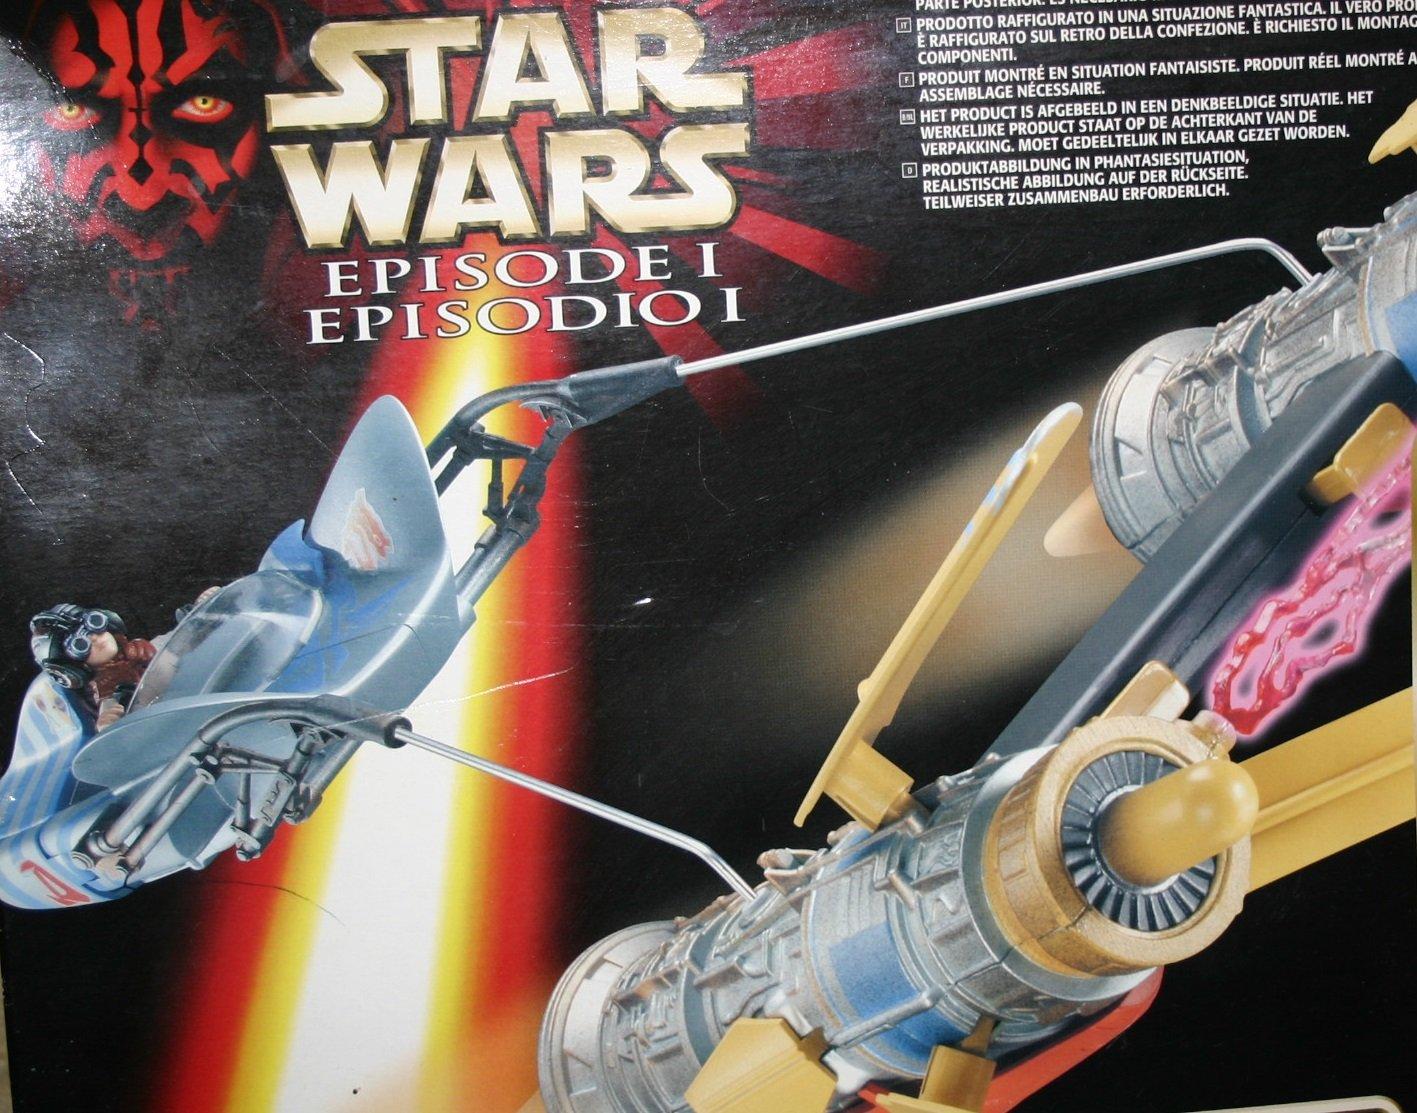 Star Wars Episode 1 Anakins Podracer vehicle